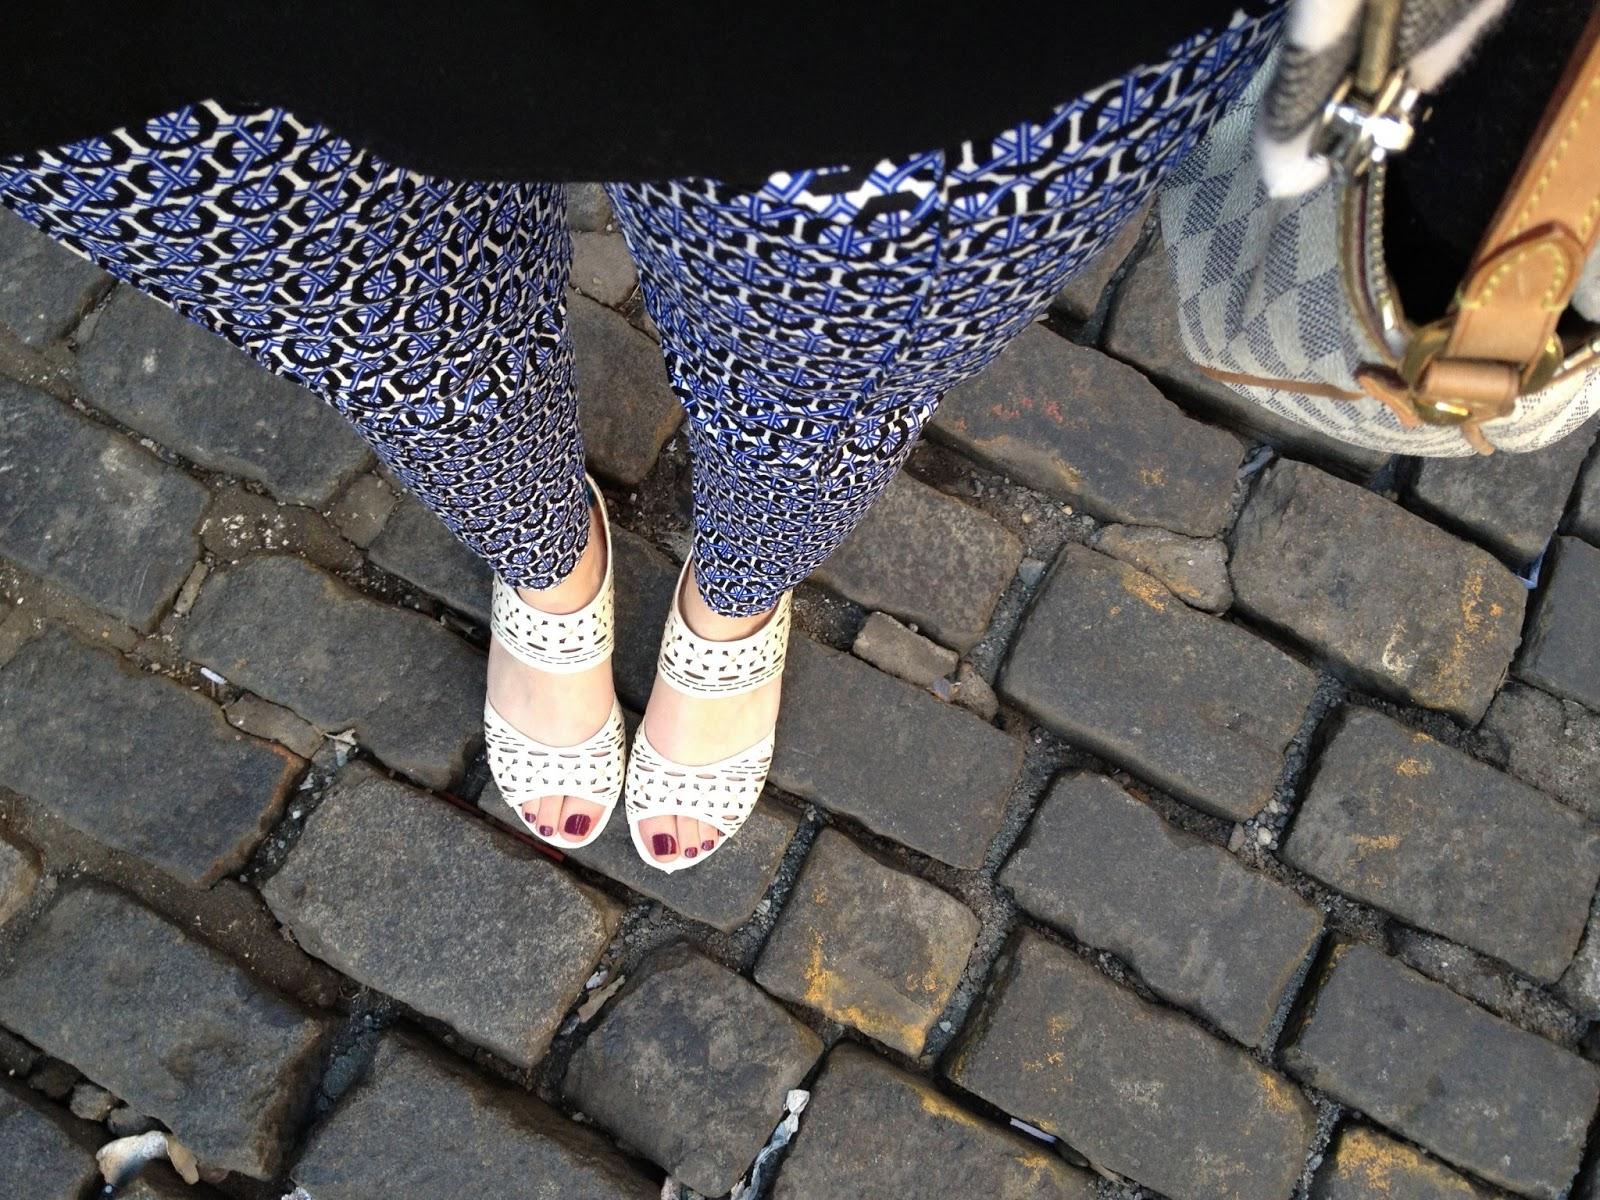 Travel blog, new york city, new york, travel new york, salt lake city,  fashion blog, fashion blogger, style blog, style blogger, mens fashion, mens fashion blog, mens style, mens style blog, womens style blog, anthropologie ootd blog, anthropologie ootd, anthropologie, ootd, mens ootd, womens ootd, soho, shopping in soho, new york, cobble street, cobble street road,